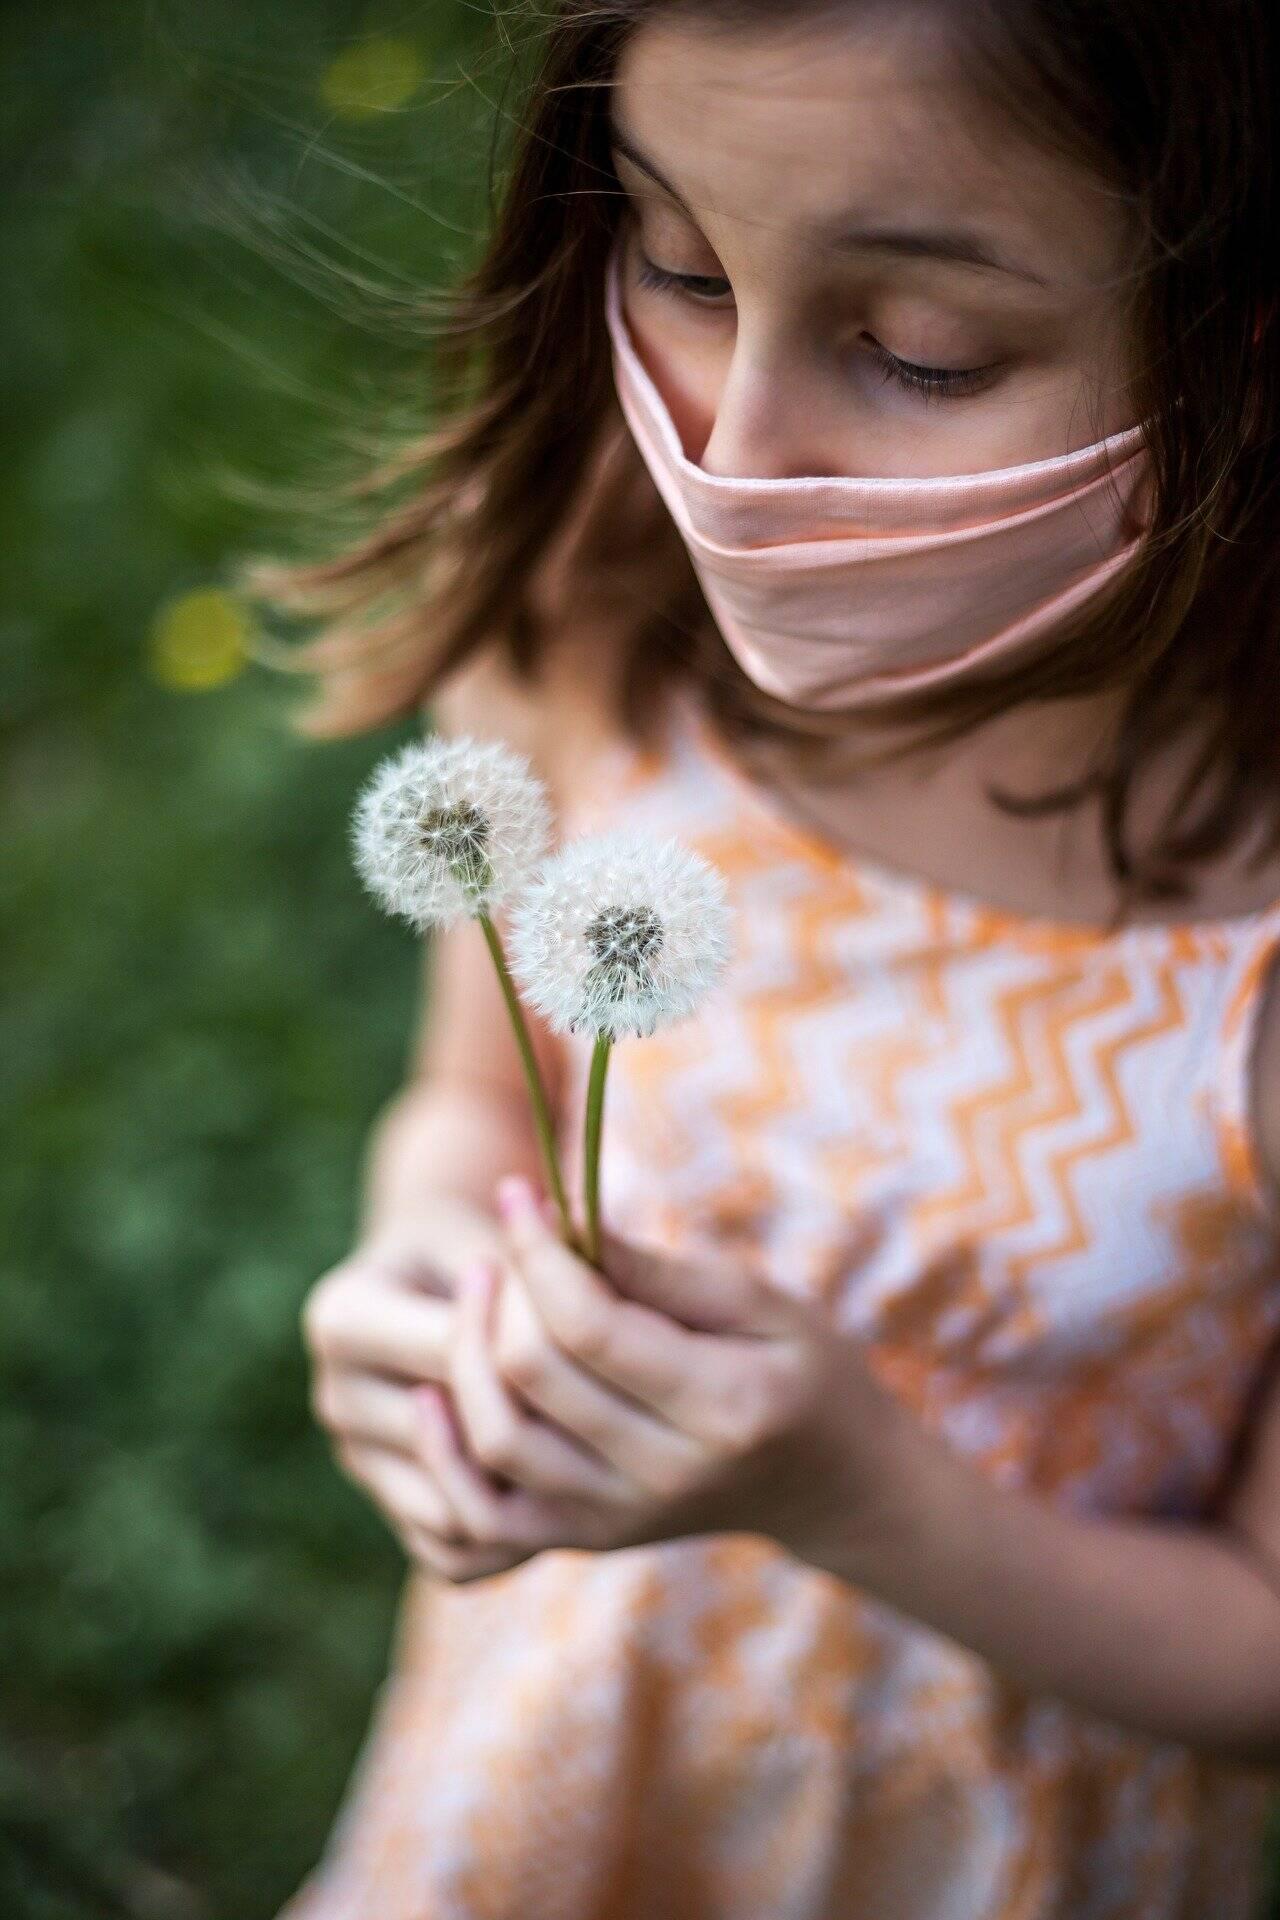 em acordo firmado com o Ministério da Saúde. (Foto: Reprodução/Pixabay)